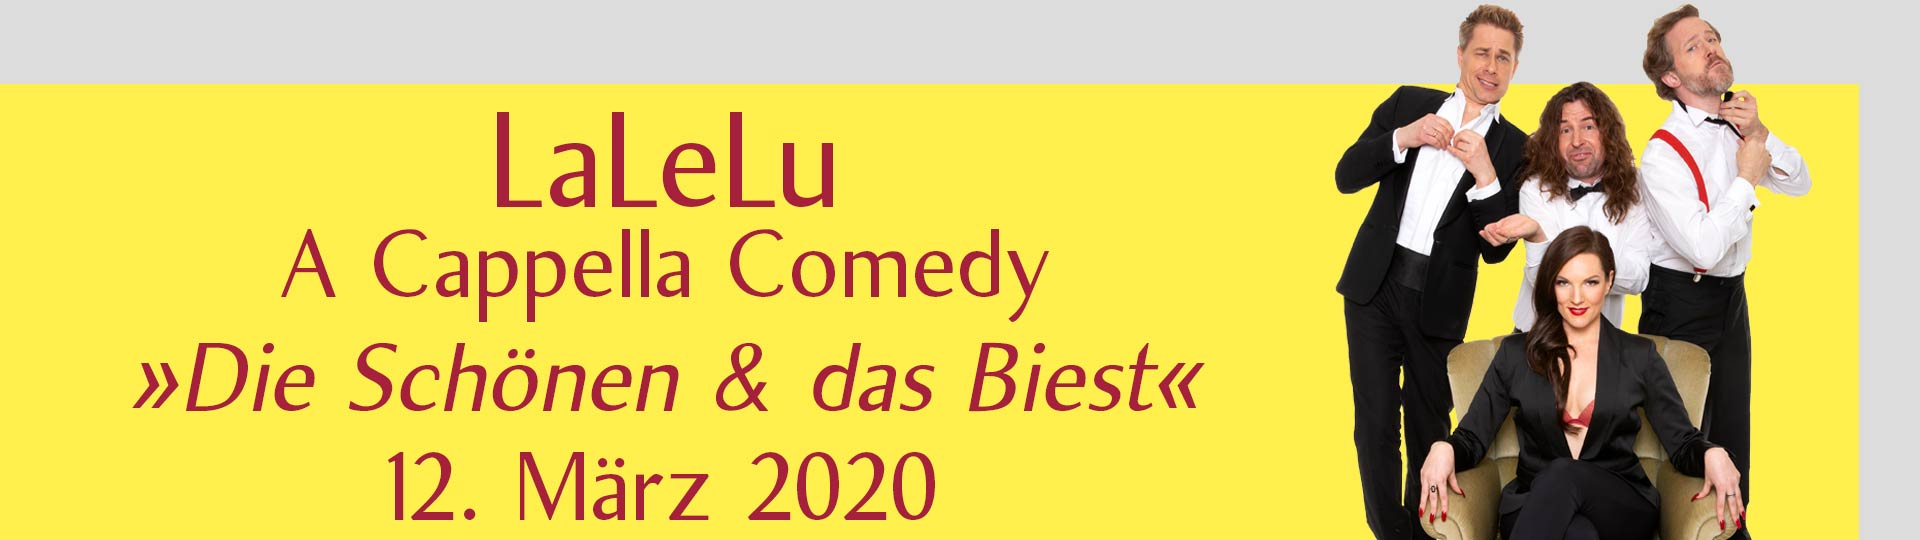 """LaLeLu A Cappella Comedy – """"Die Schönen & das Biest"""""""